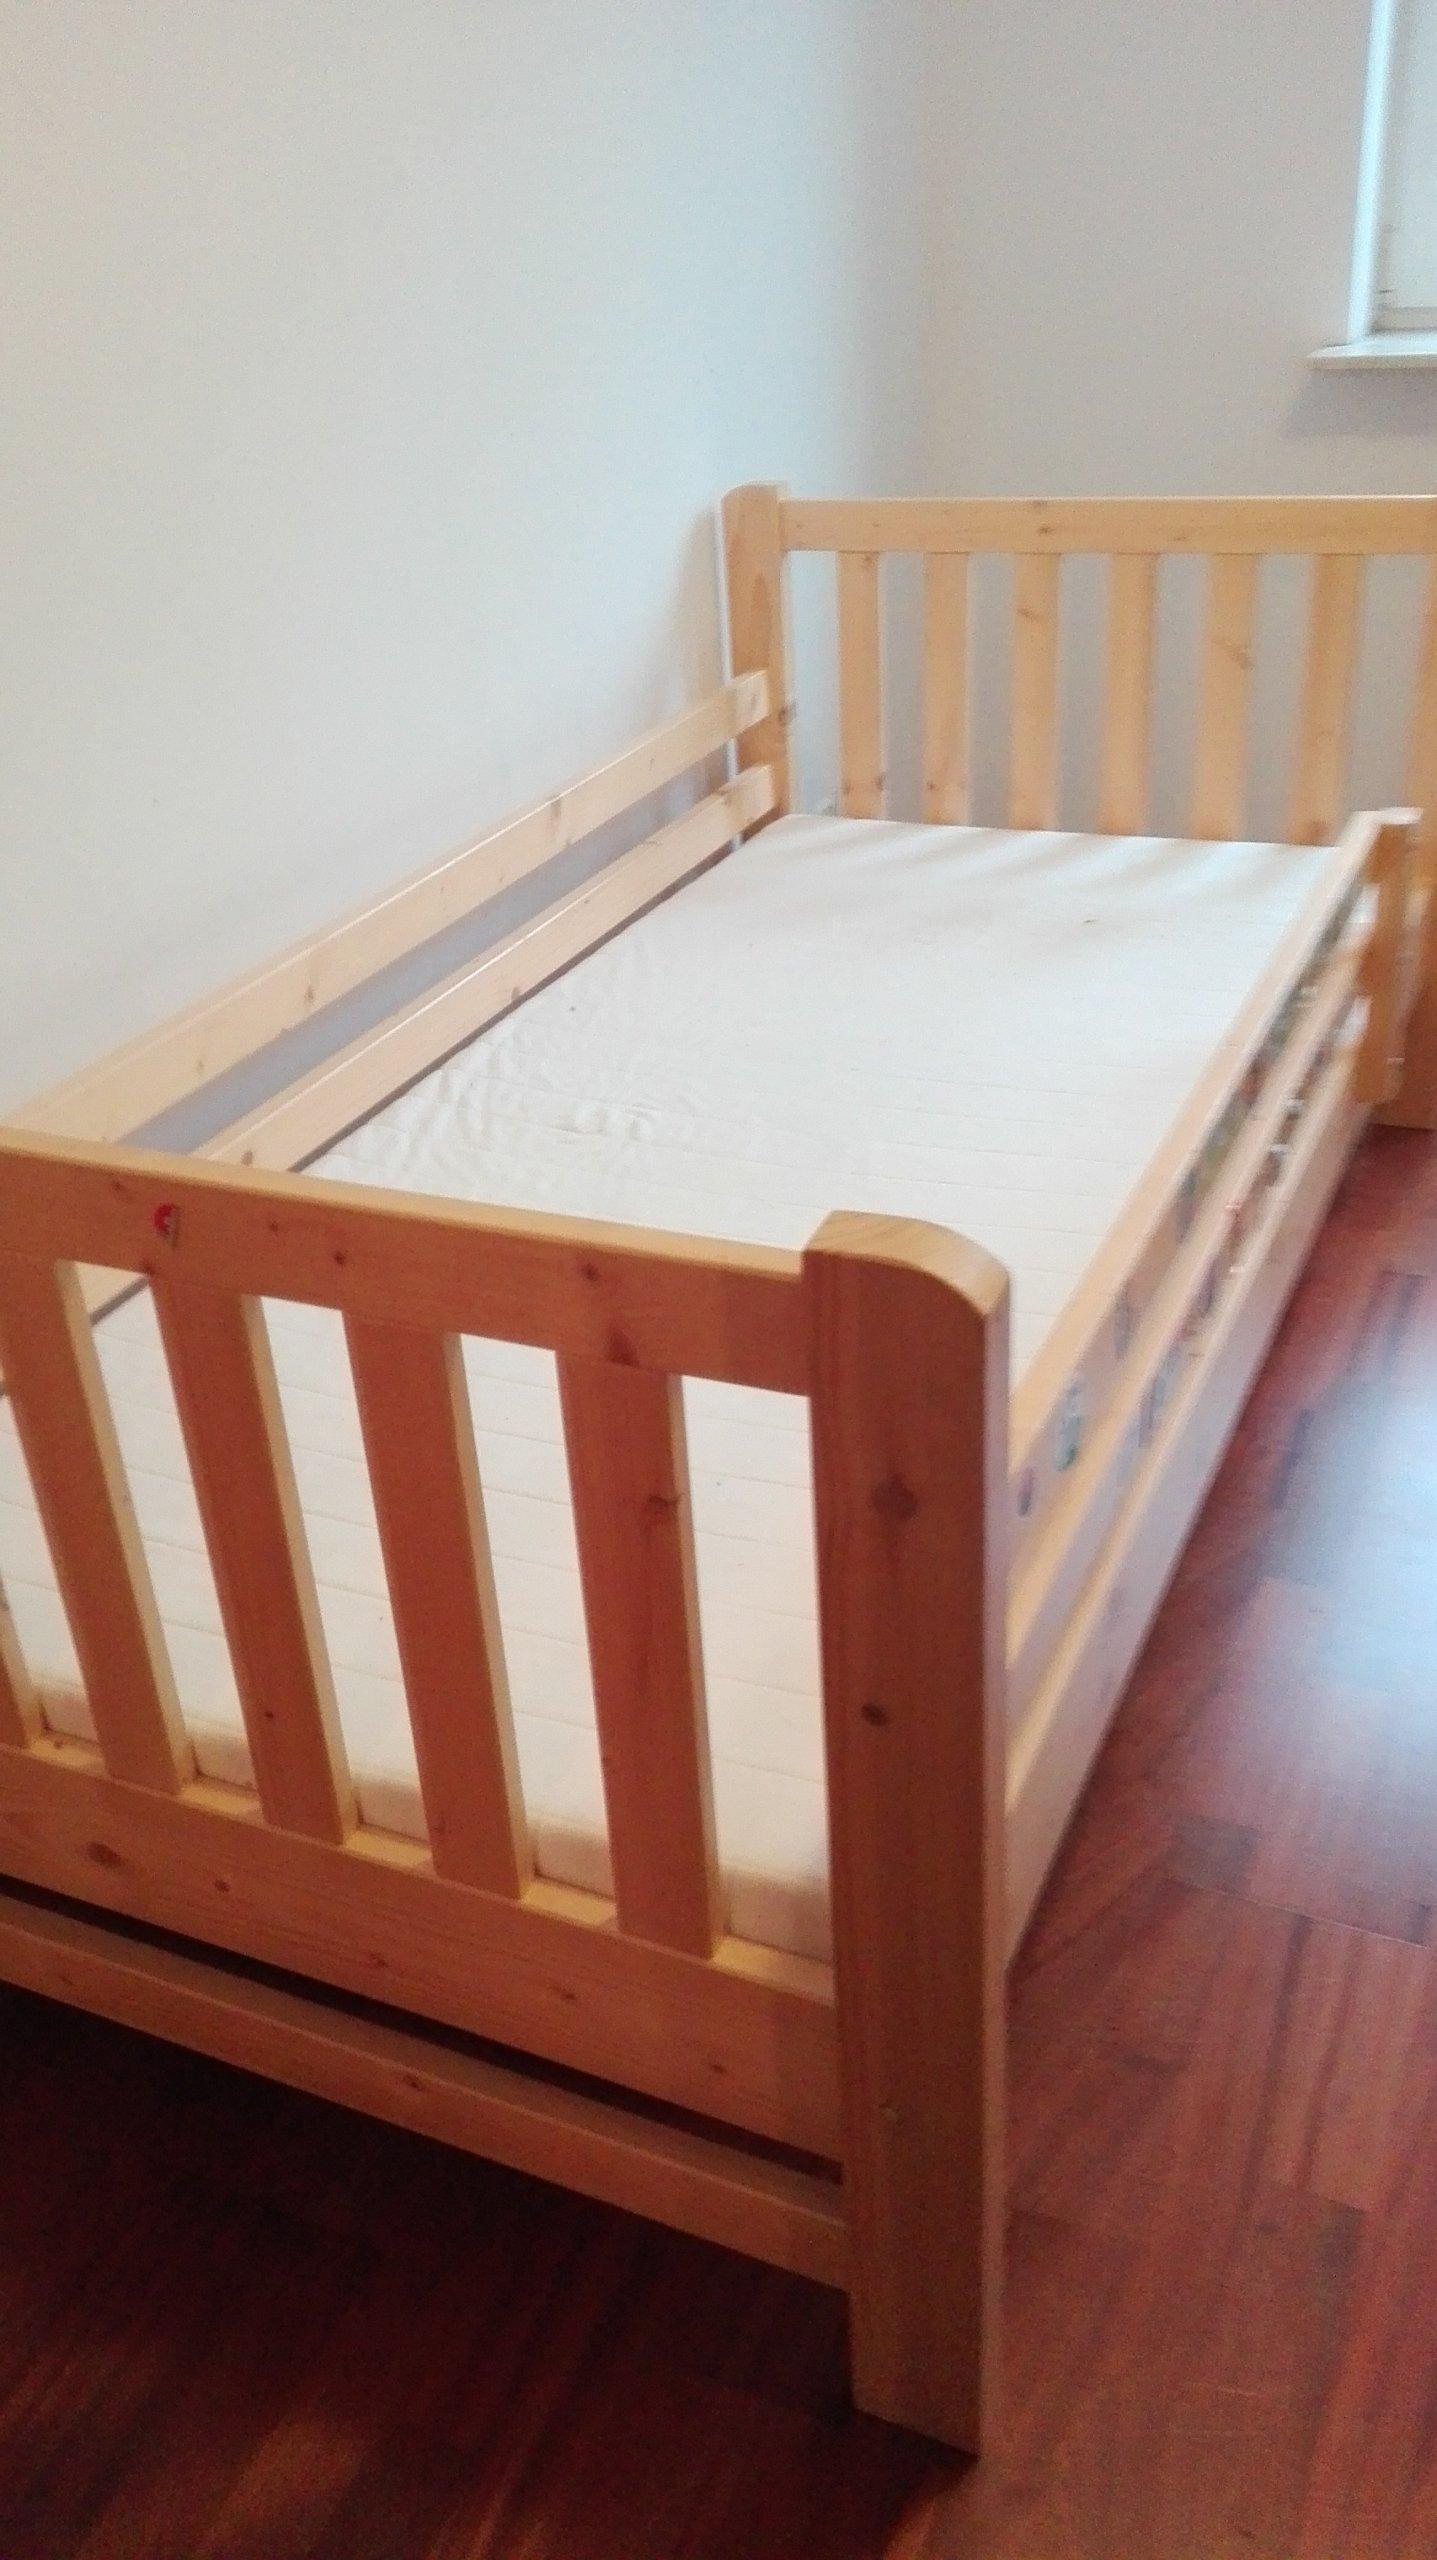 łóżko Drewniane 90x200 Z Barierką I Materacem 7193332858